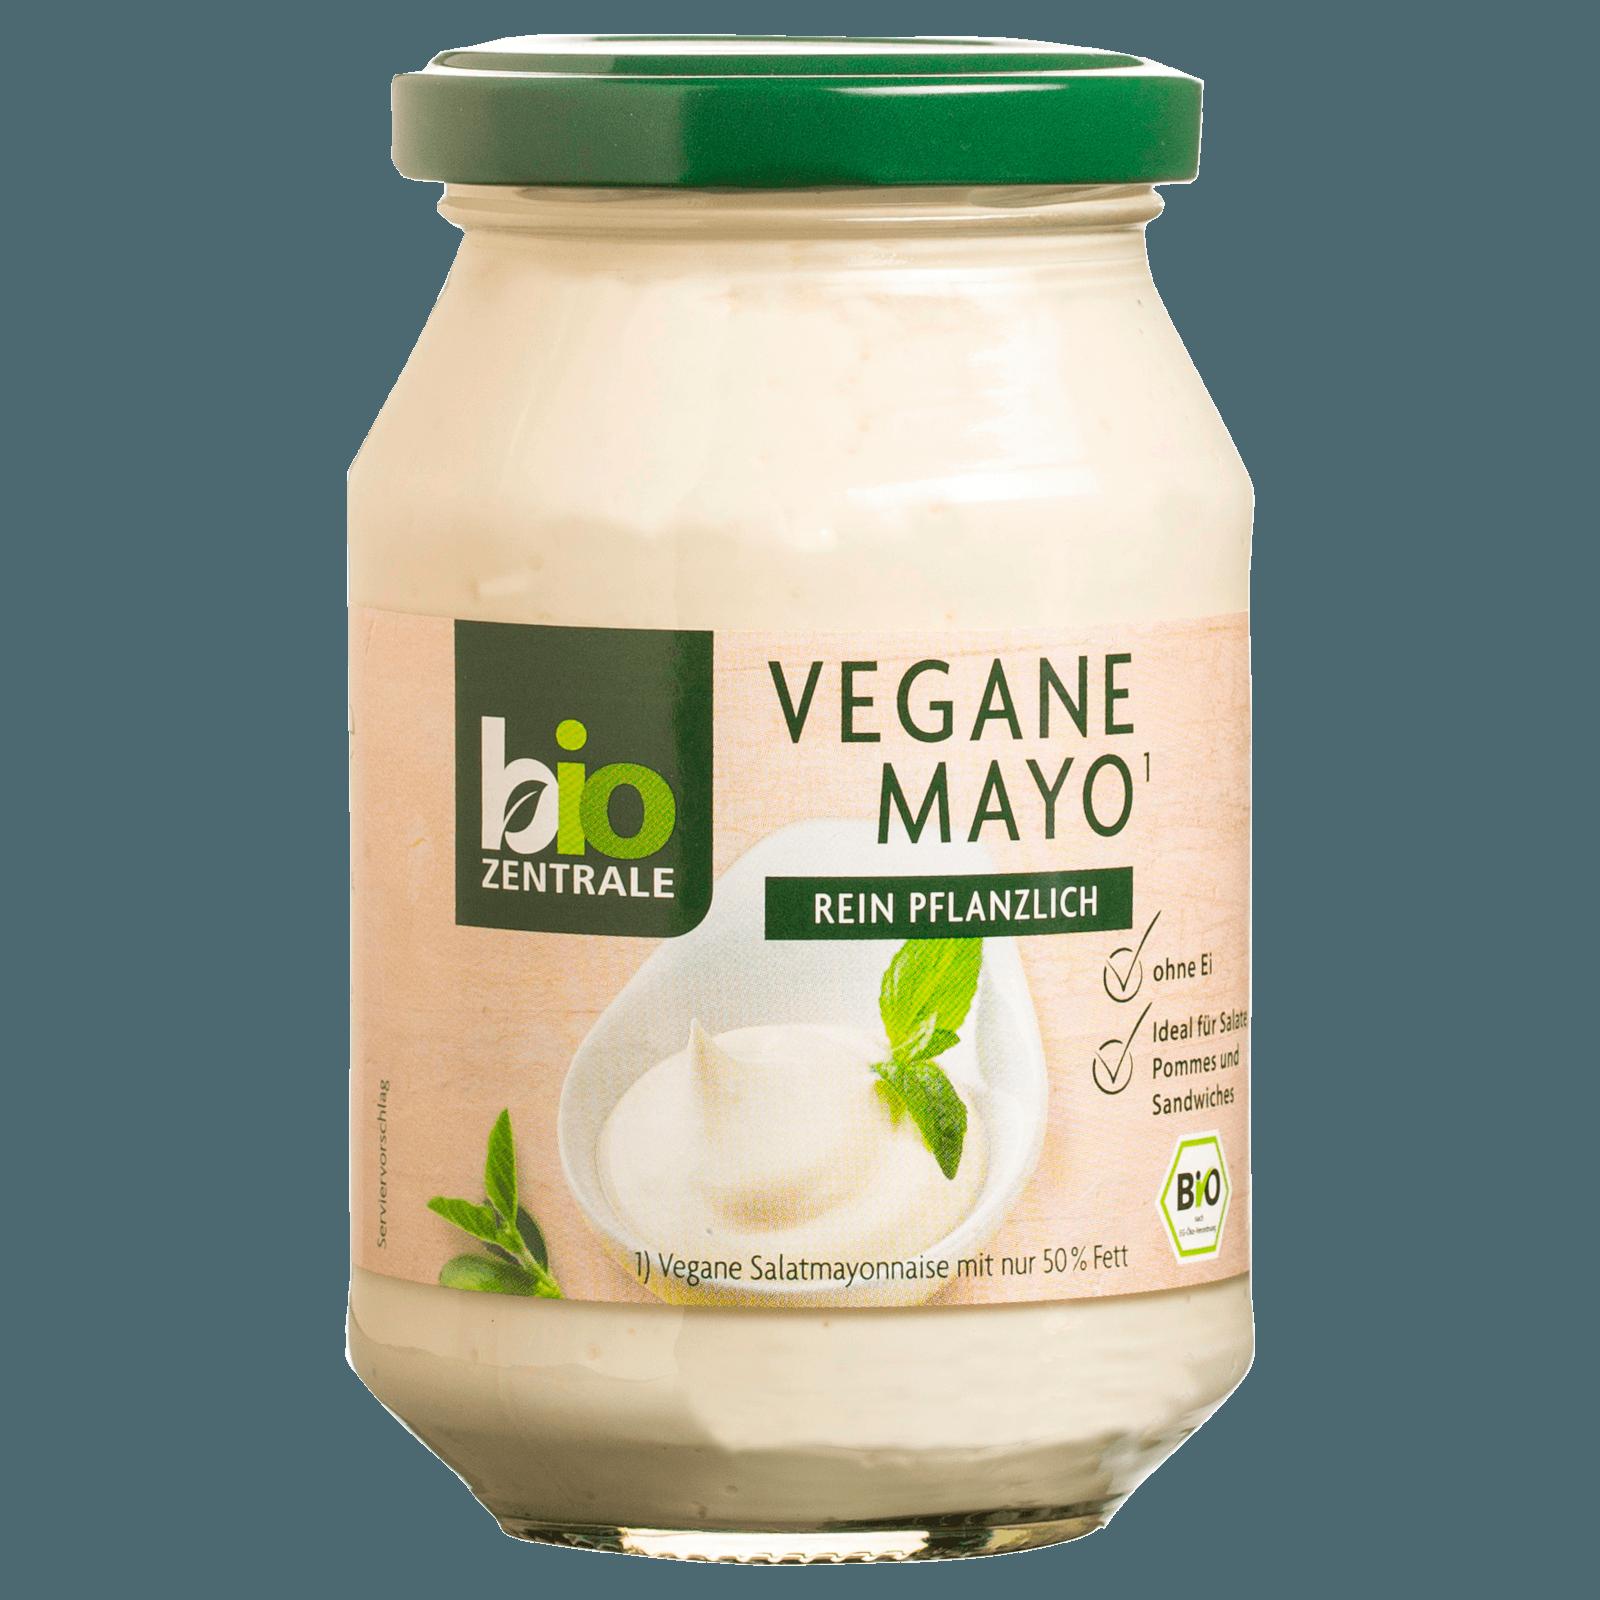 Bio Zentrale Vegane Mayo 250ml Bei Rewe Online Bestellen